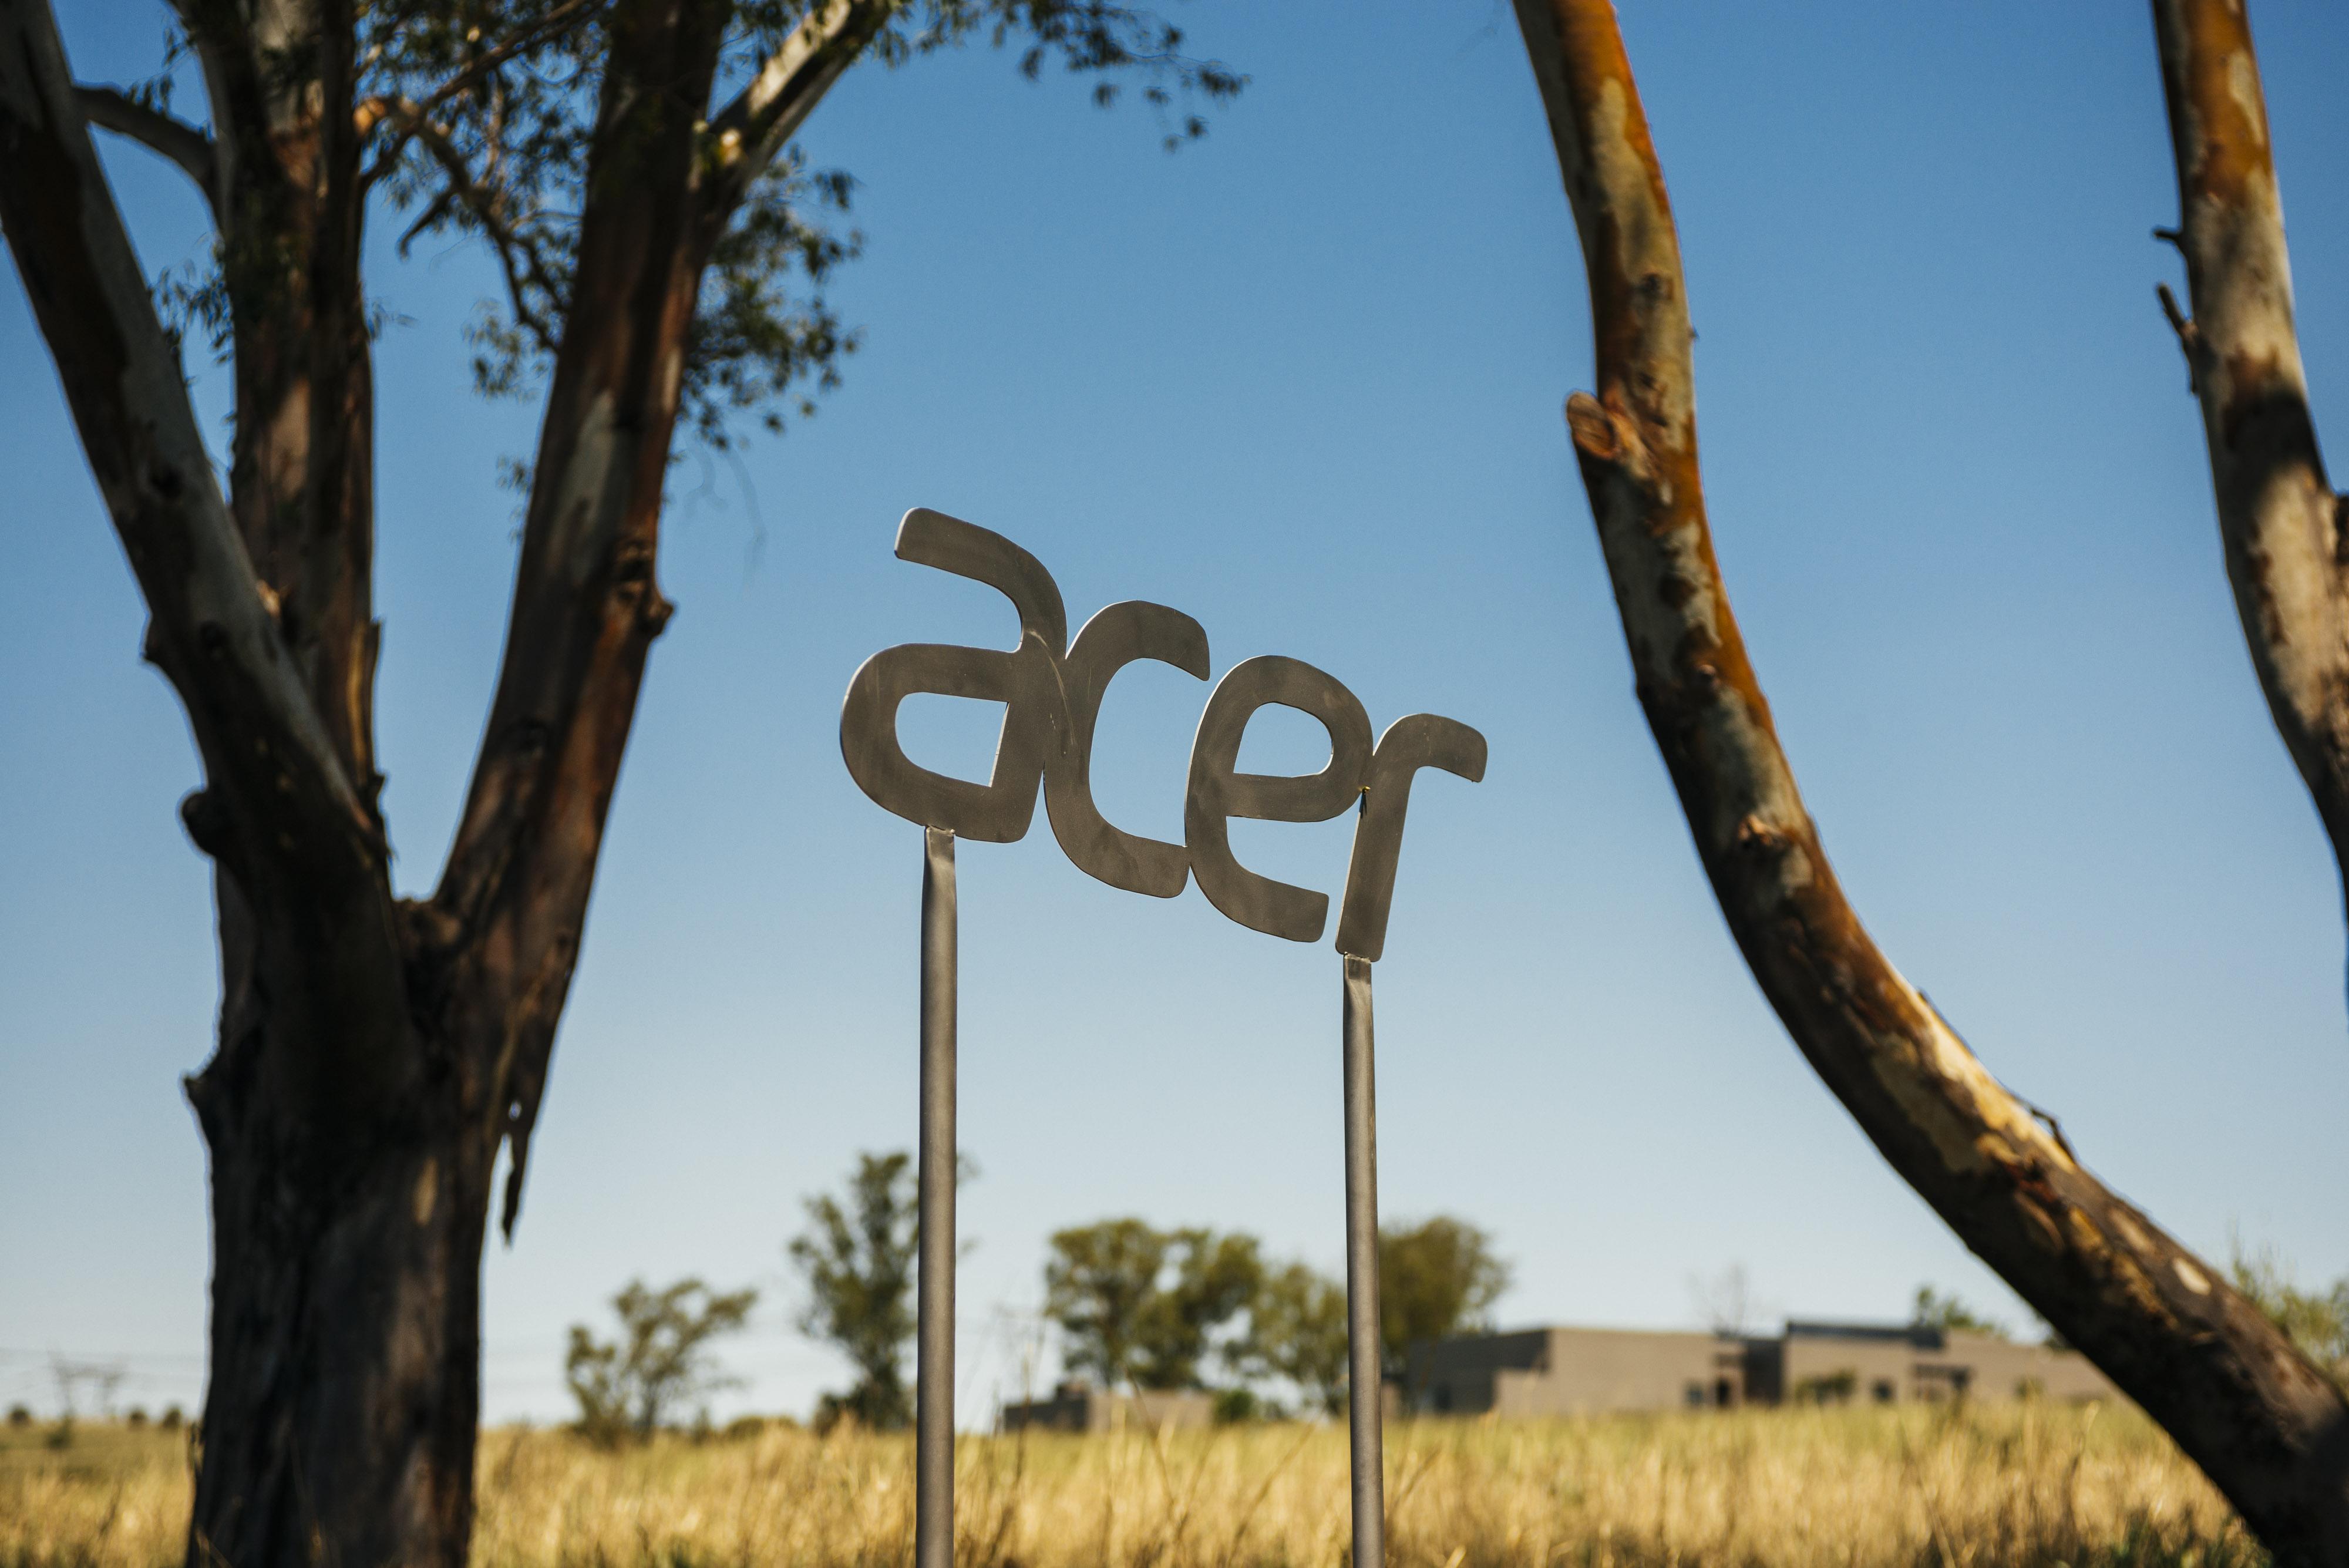 Acer Home Monaghan Farm